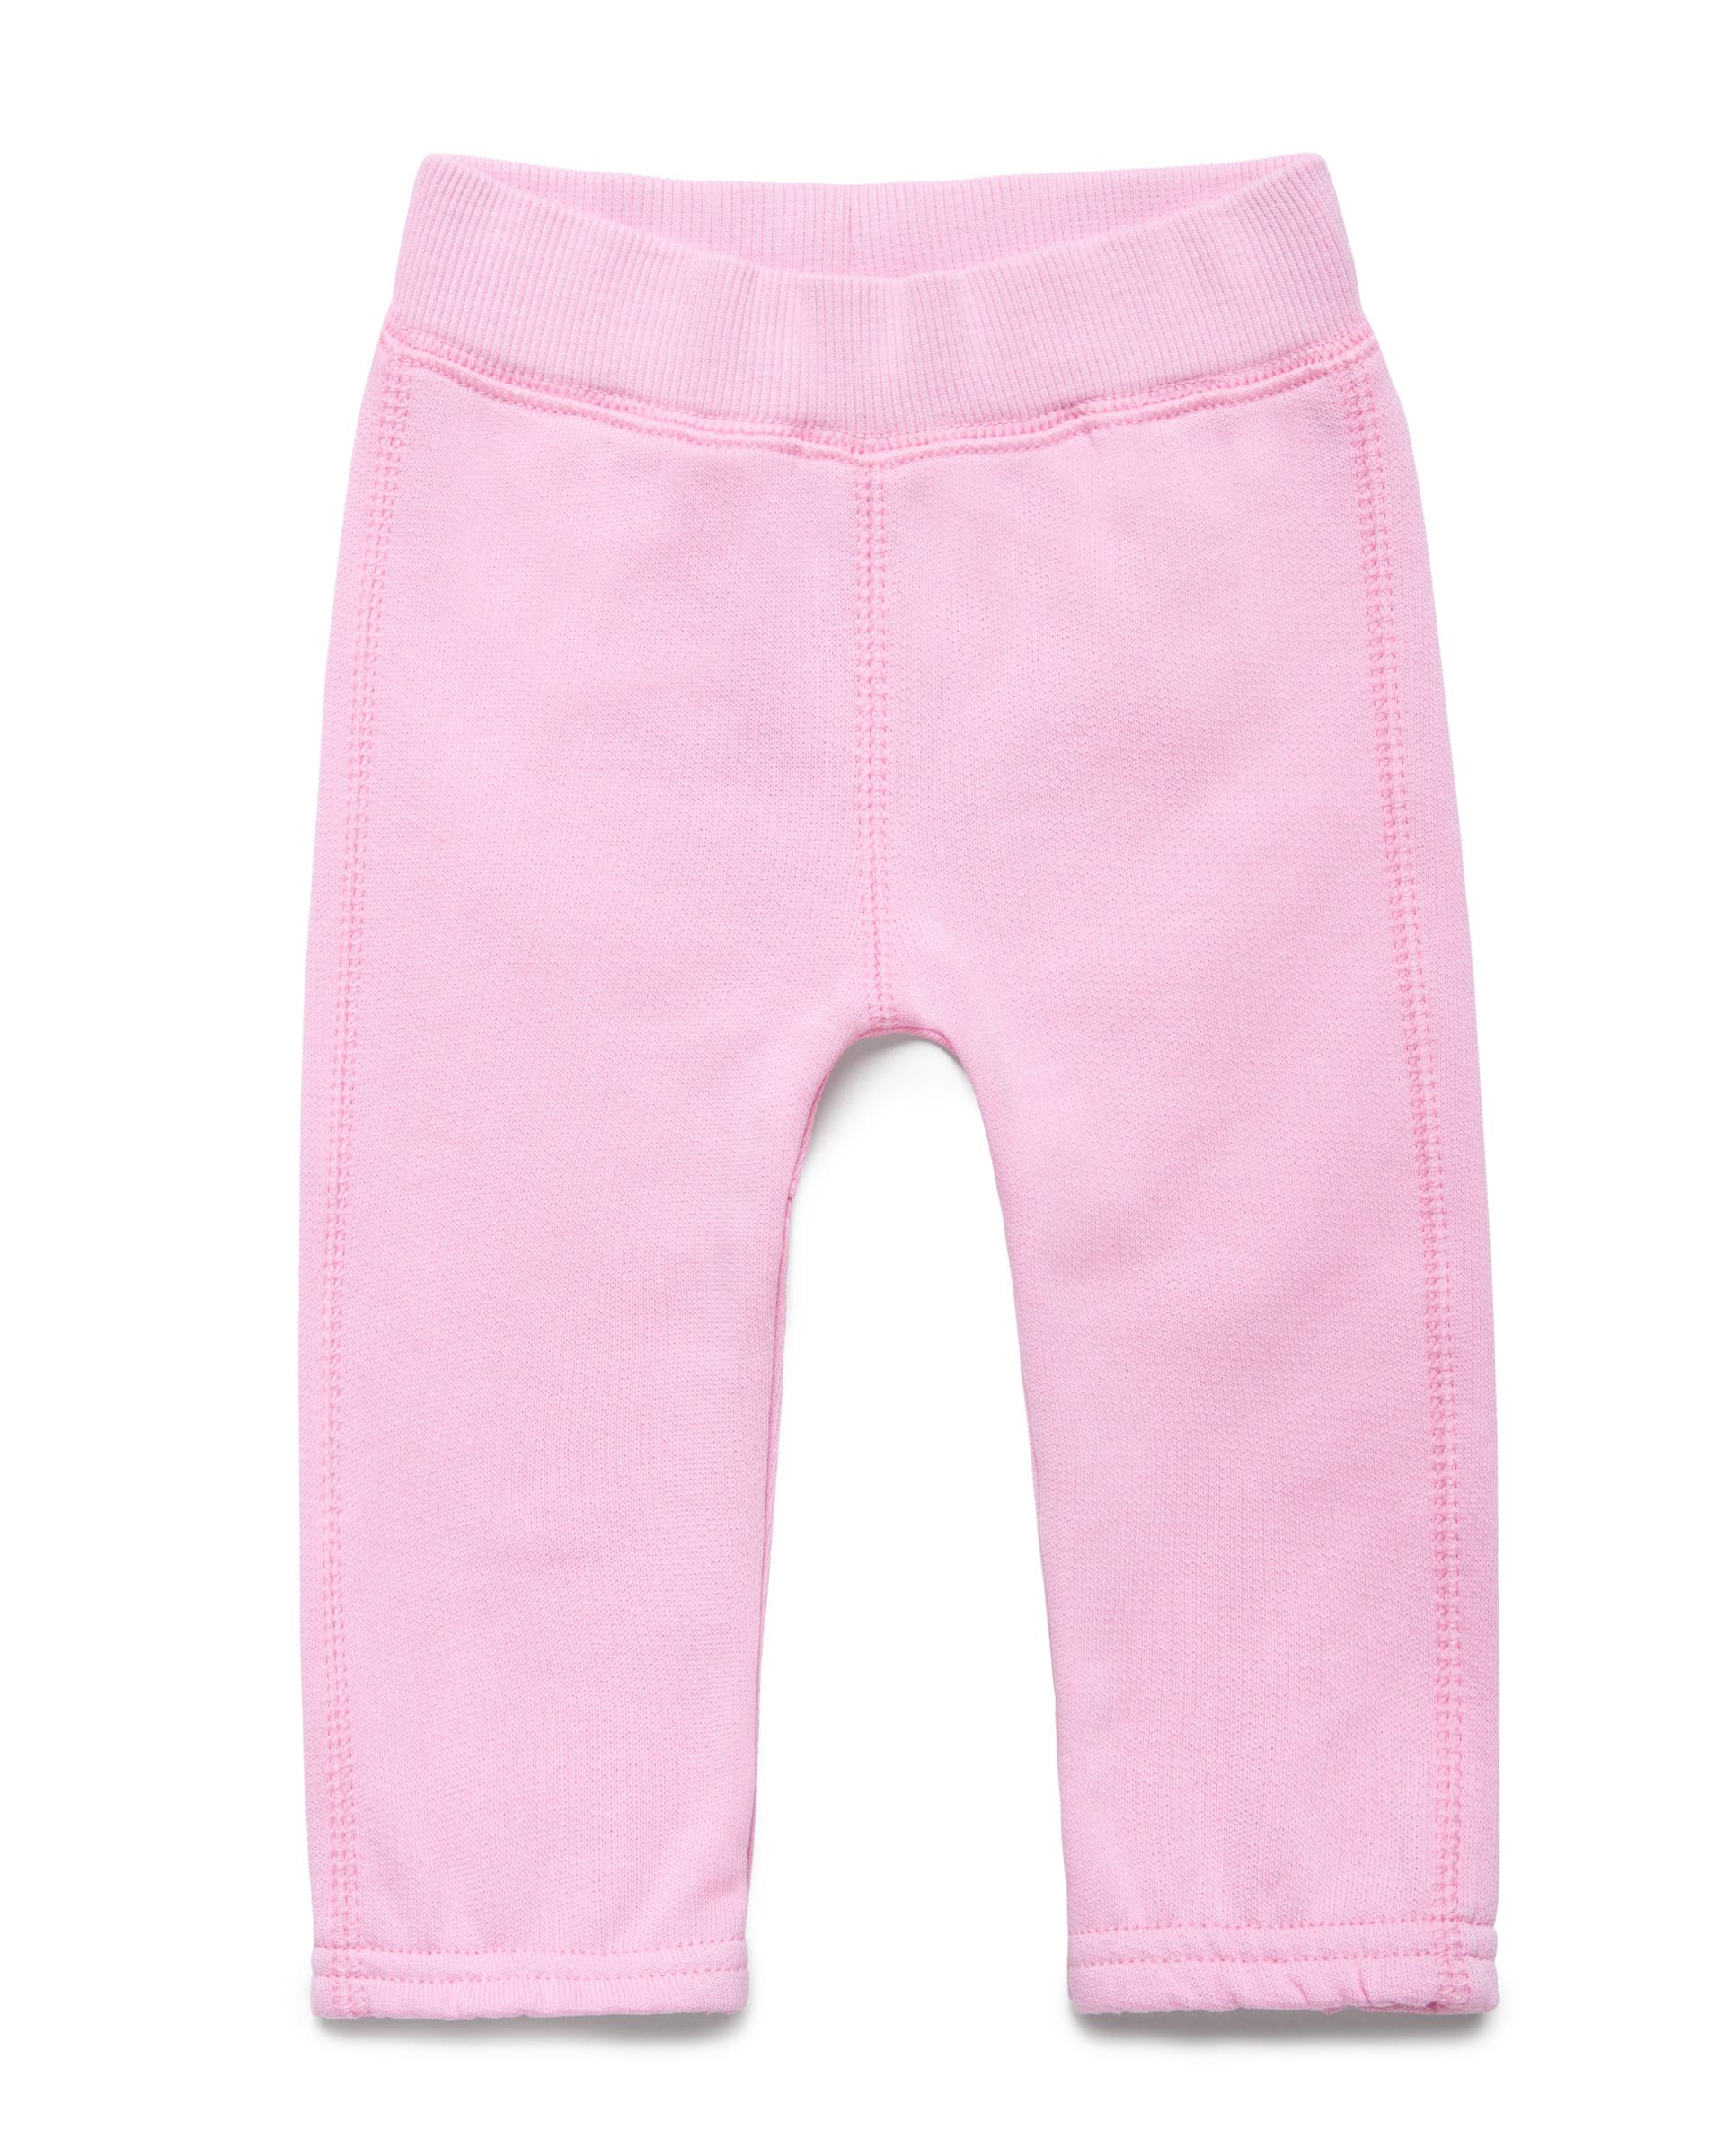 Купить 20P_3J70MF238_14P, Спортивные брюки для девочек Benetton 3J70MF238_14P р-р 90, United Colors of Benetton, Детские брюки и шорты